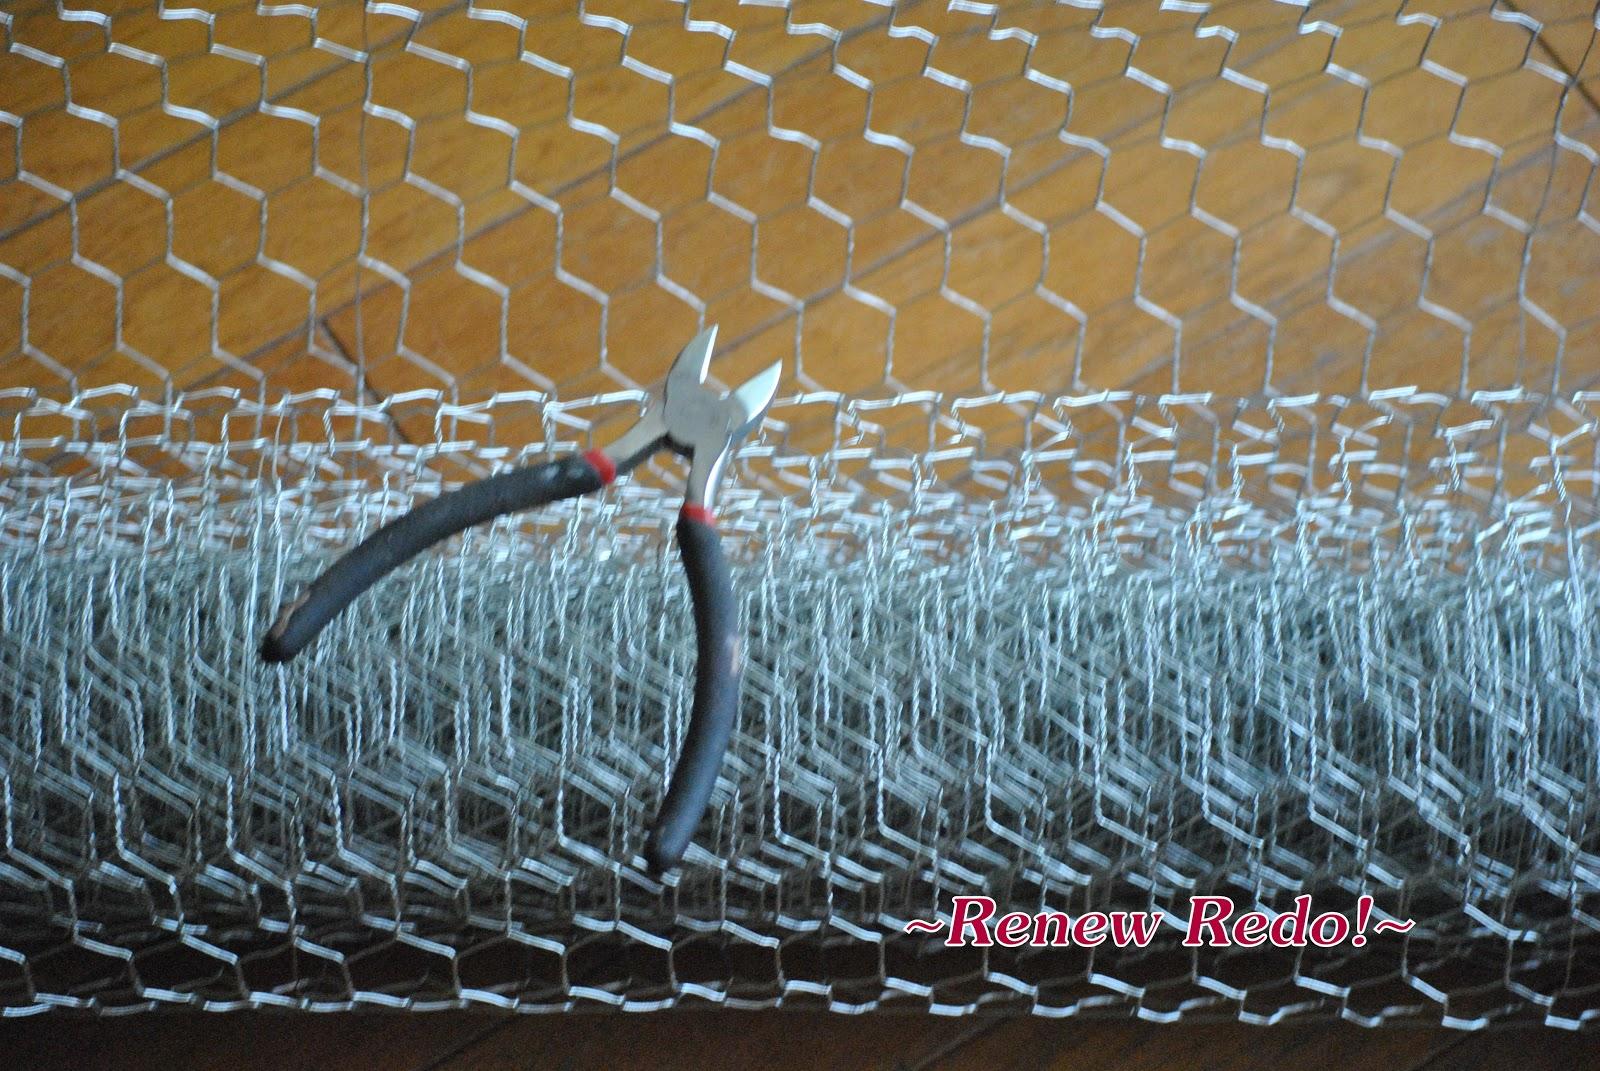 ReNew ReDo!: Decking The Halls With.... Chicken Wire!